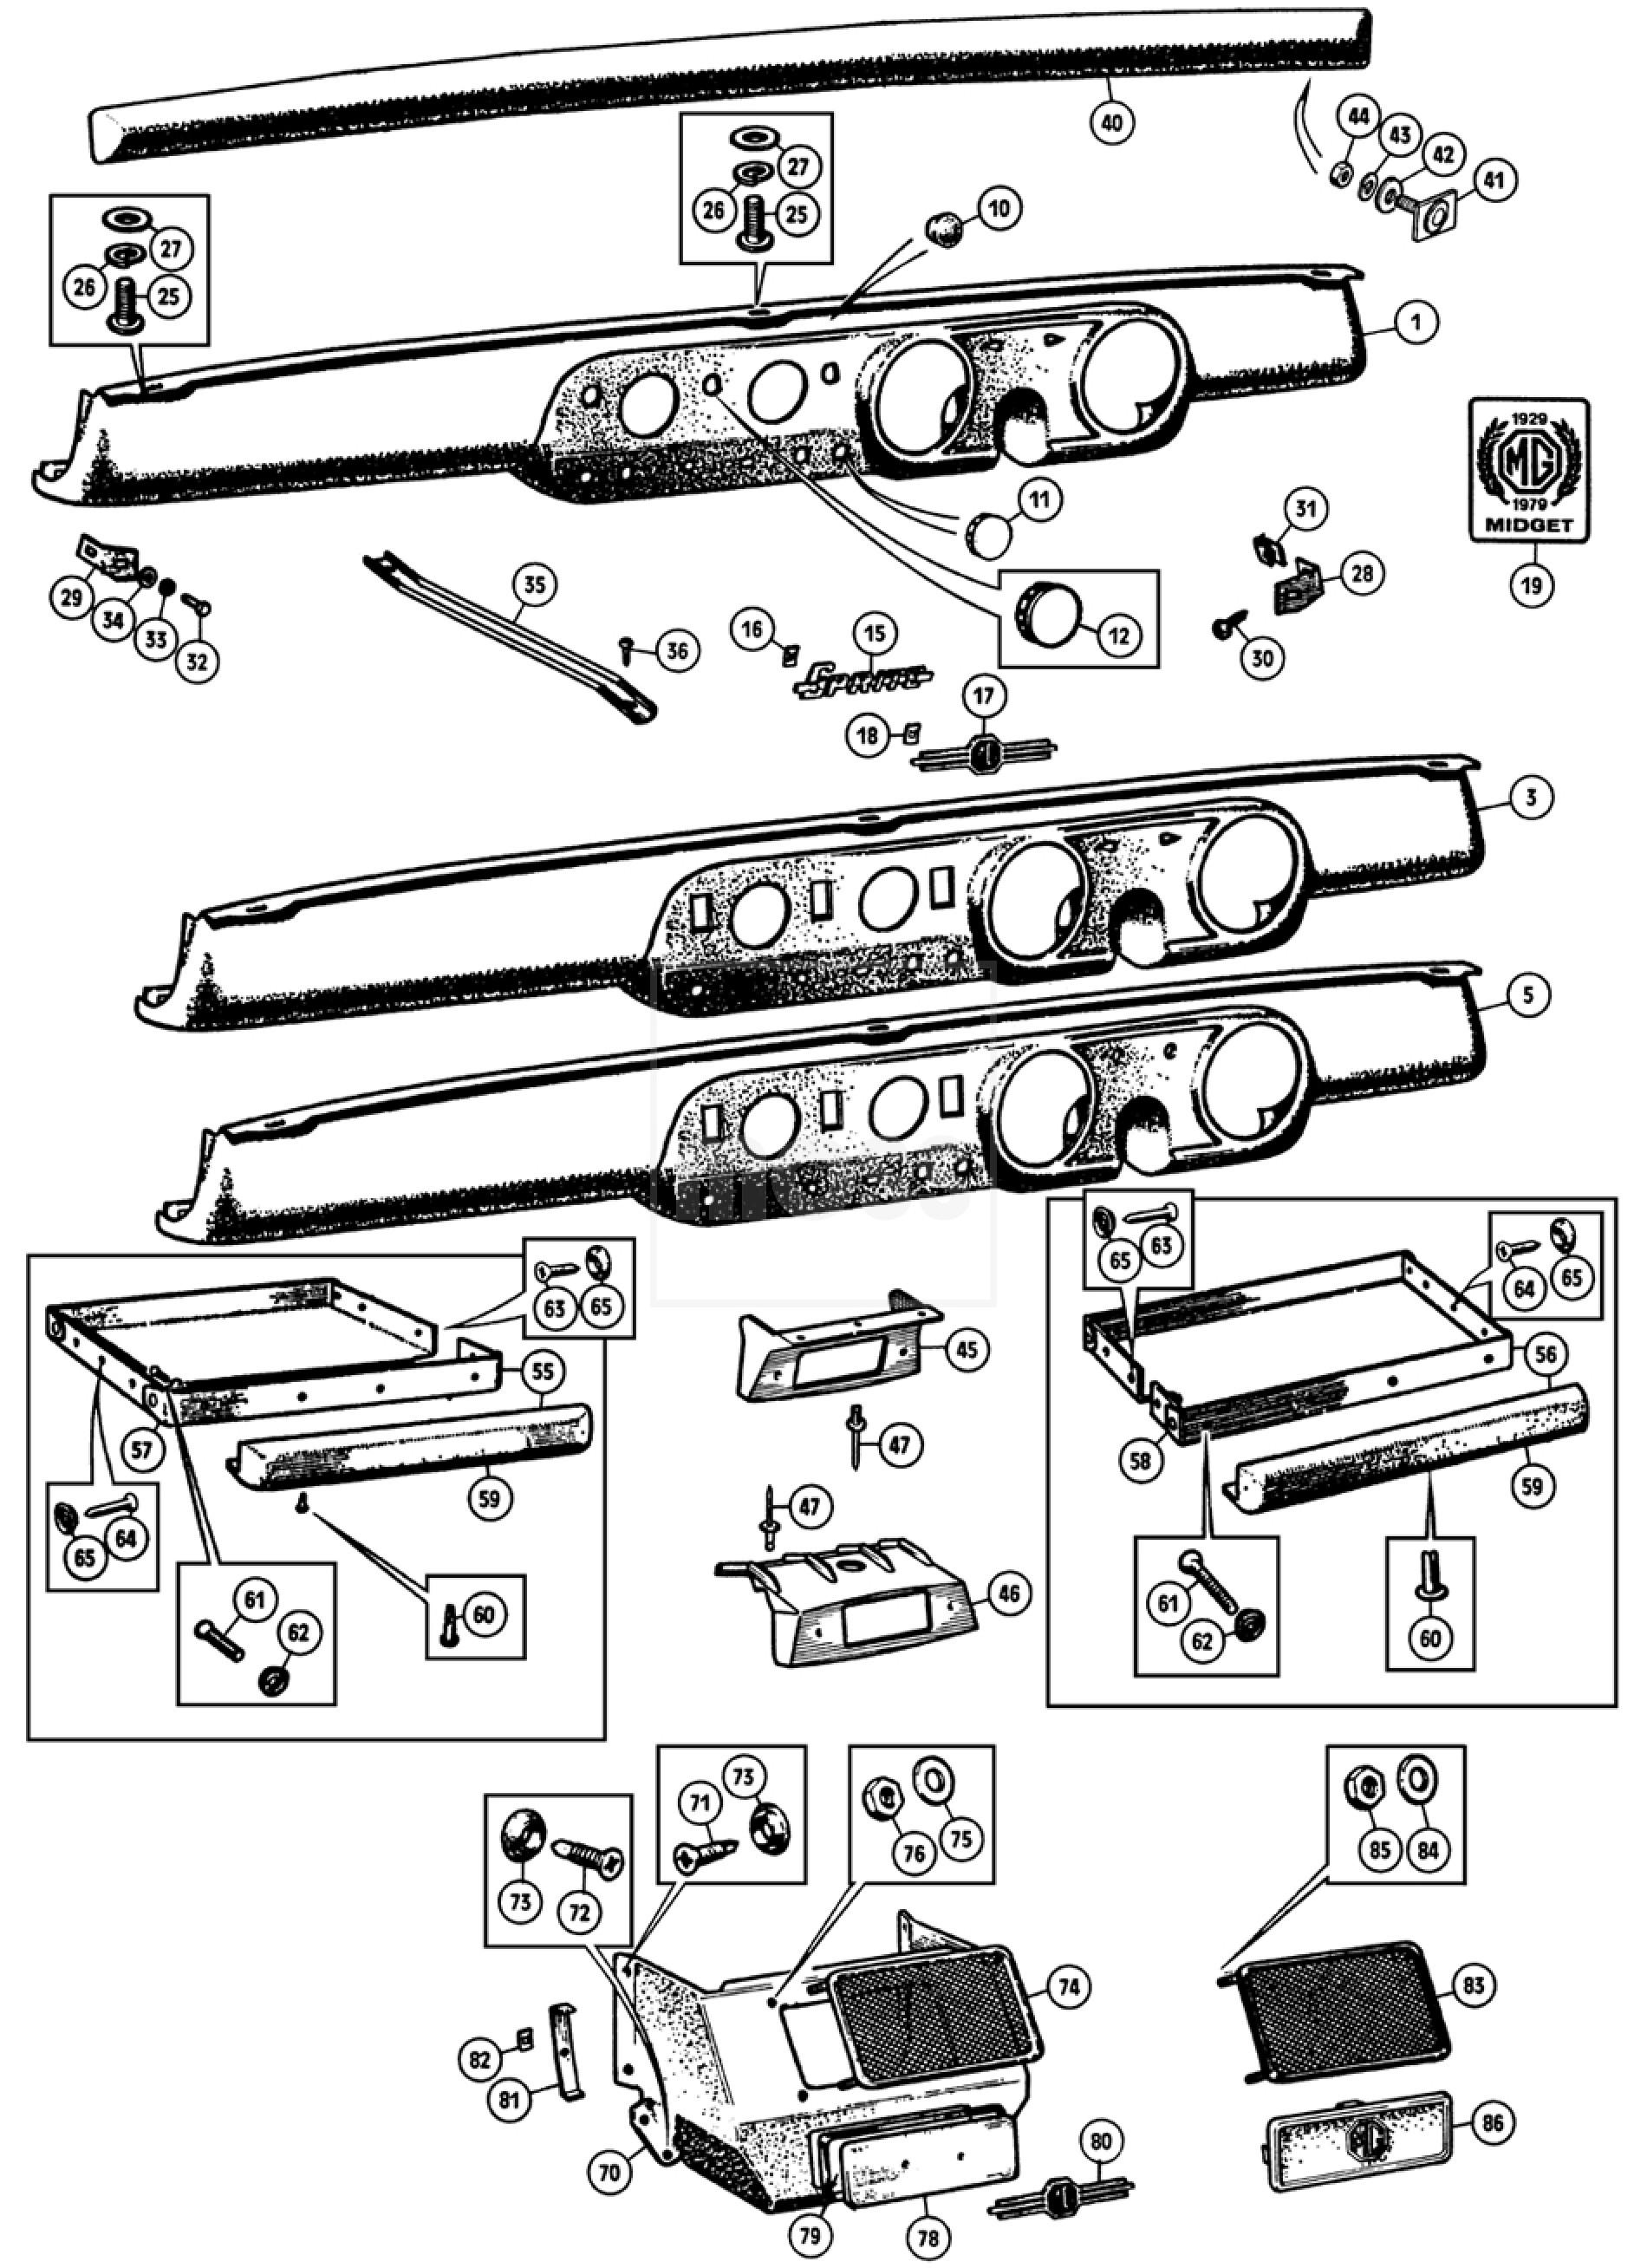 Dash/Fascia Panels: Sprite & Midget 1275-1500cc